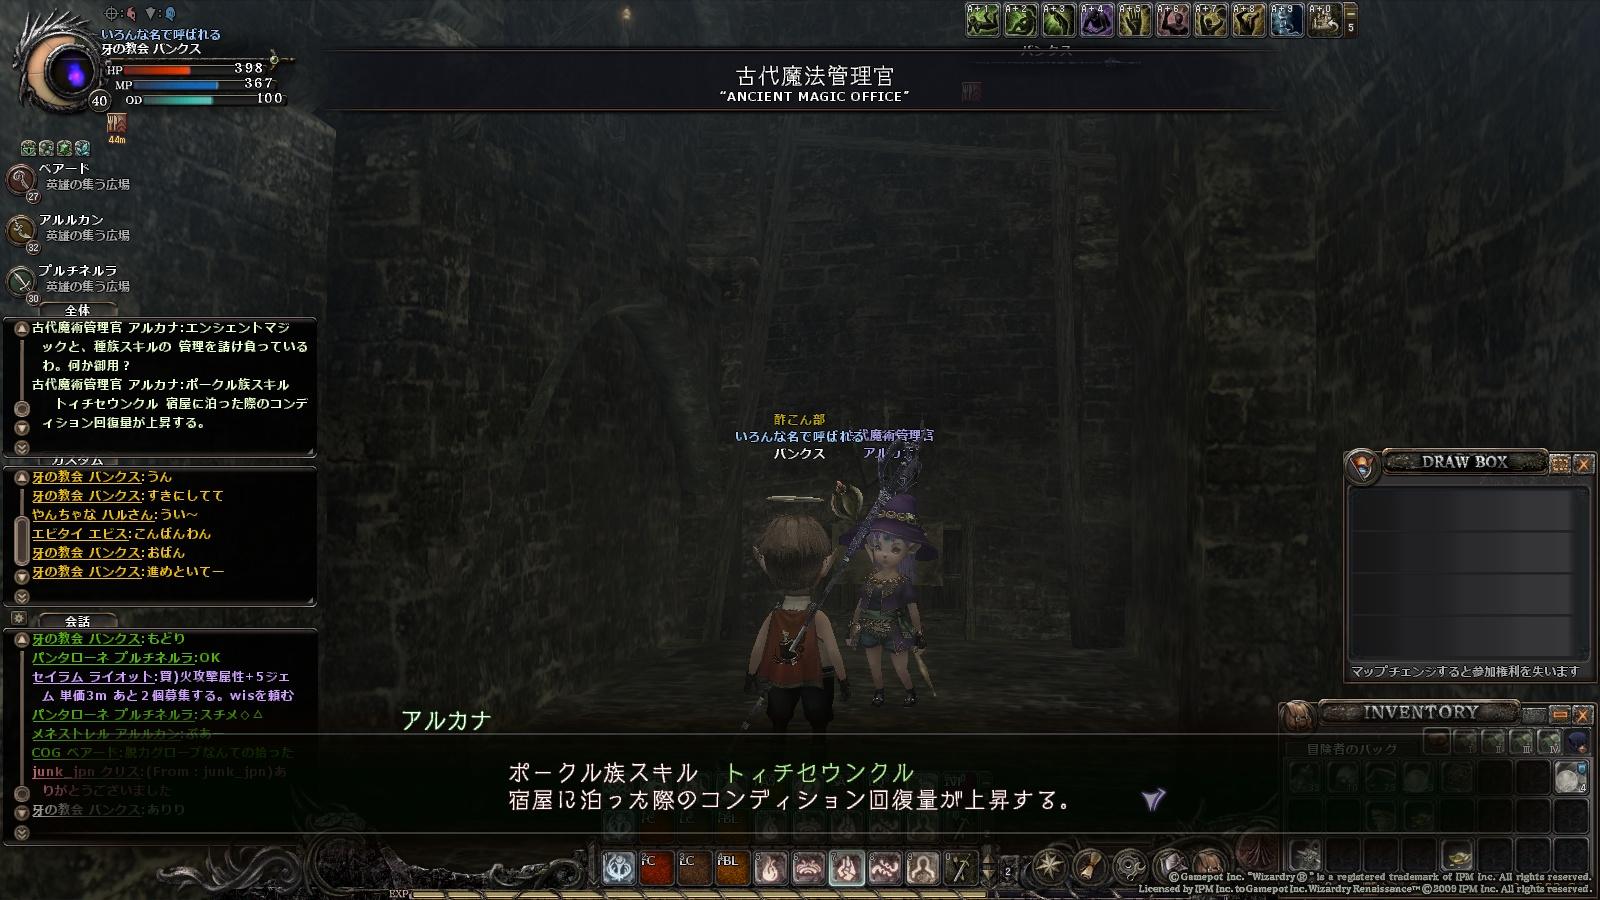 wo_20120916_230630.jpg